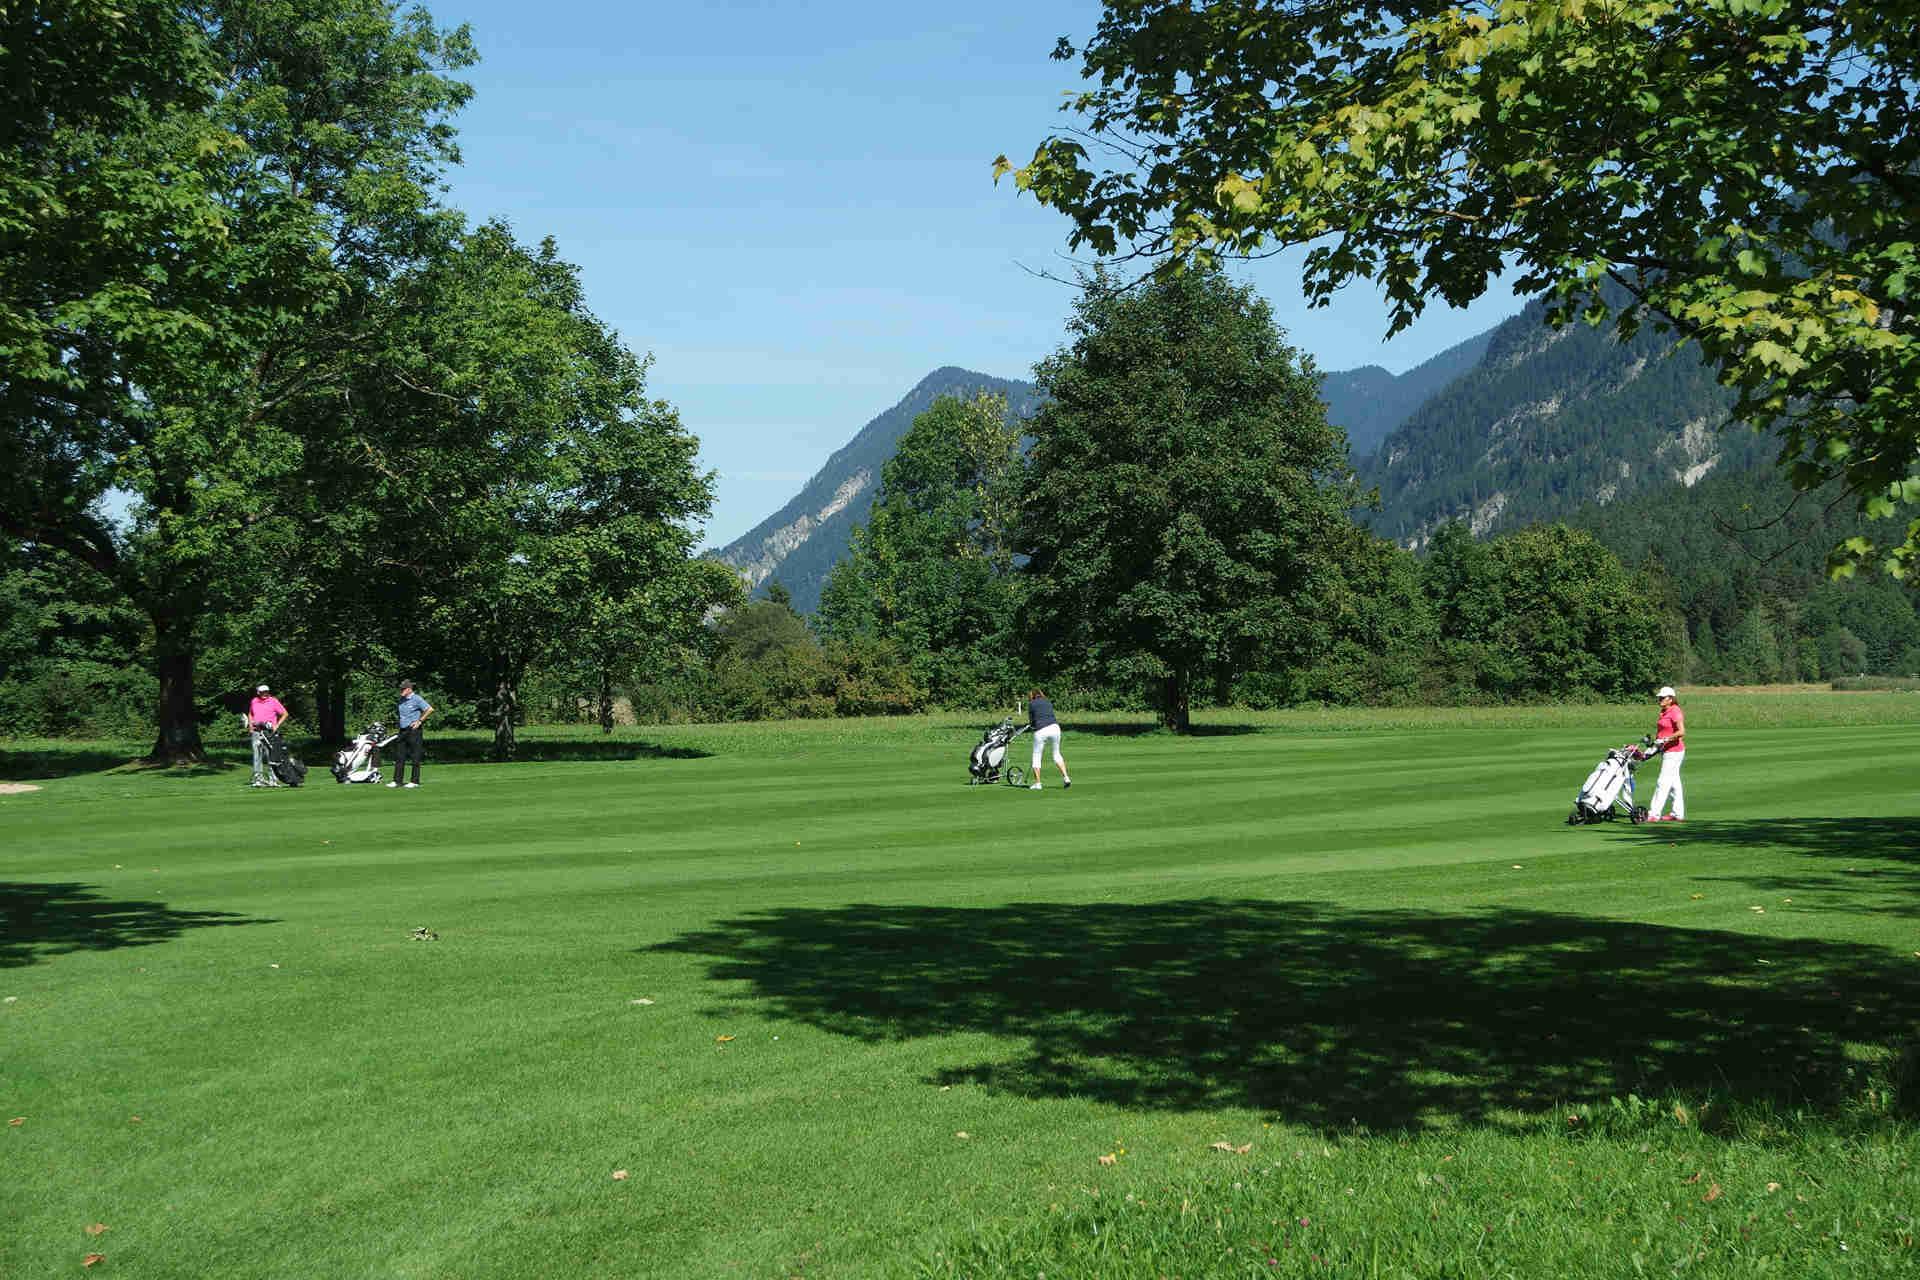 Der Golfplatz ist umgeben von einem schönen Panorama. (Foto: Golfclub Hotel Margarethenhof)